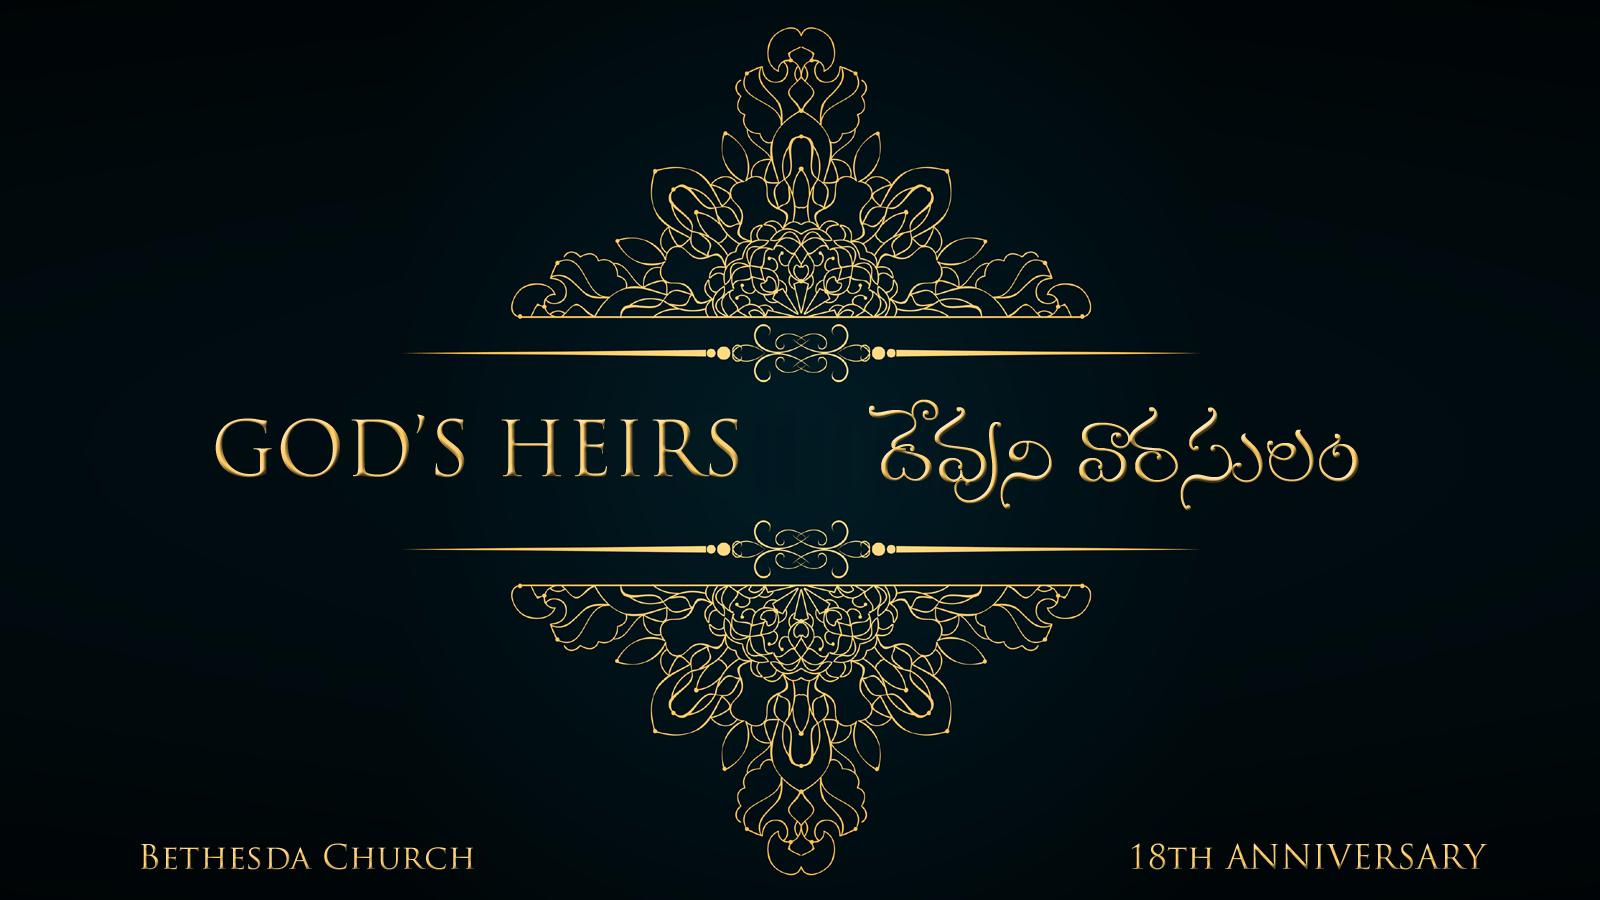 God's Heirs (A324)